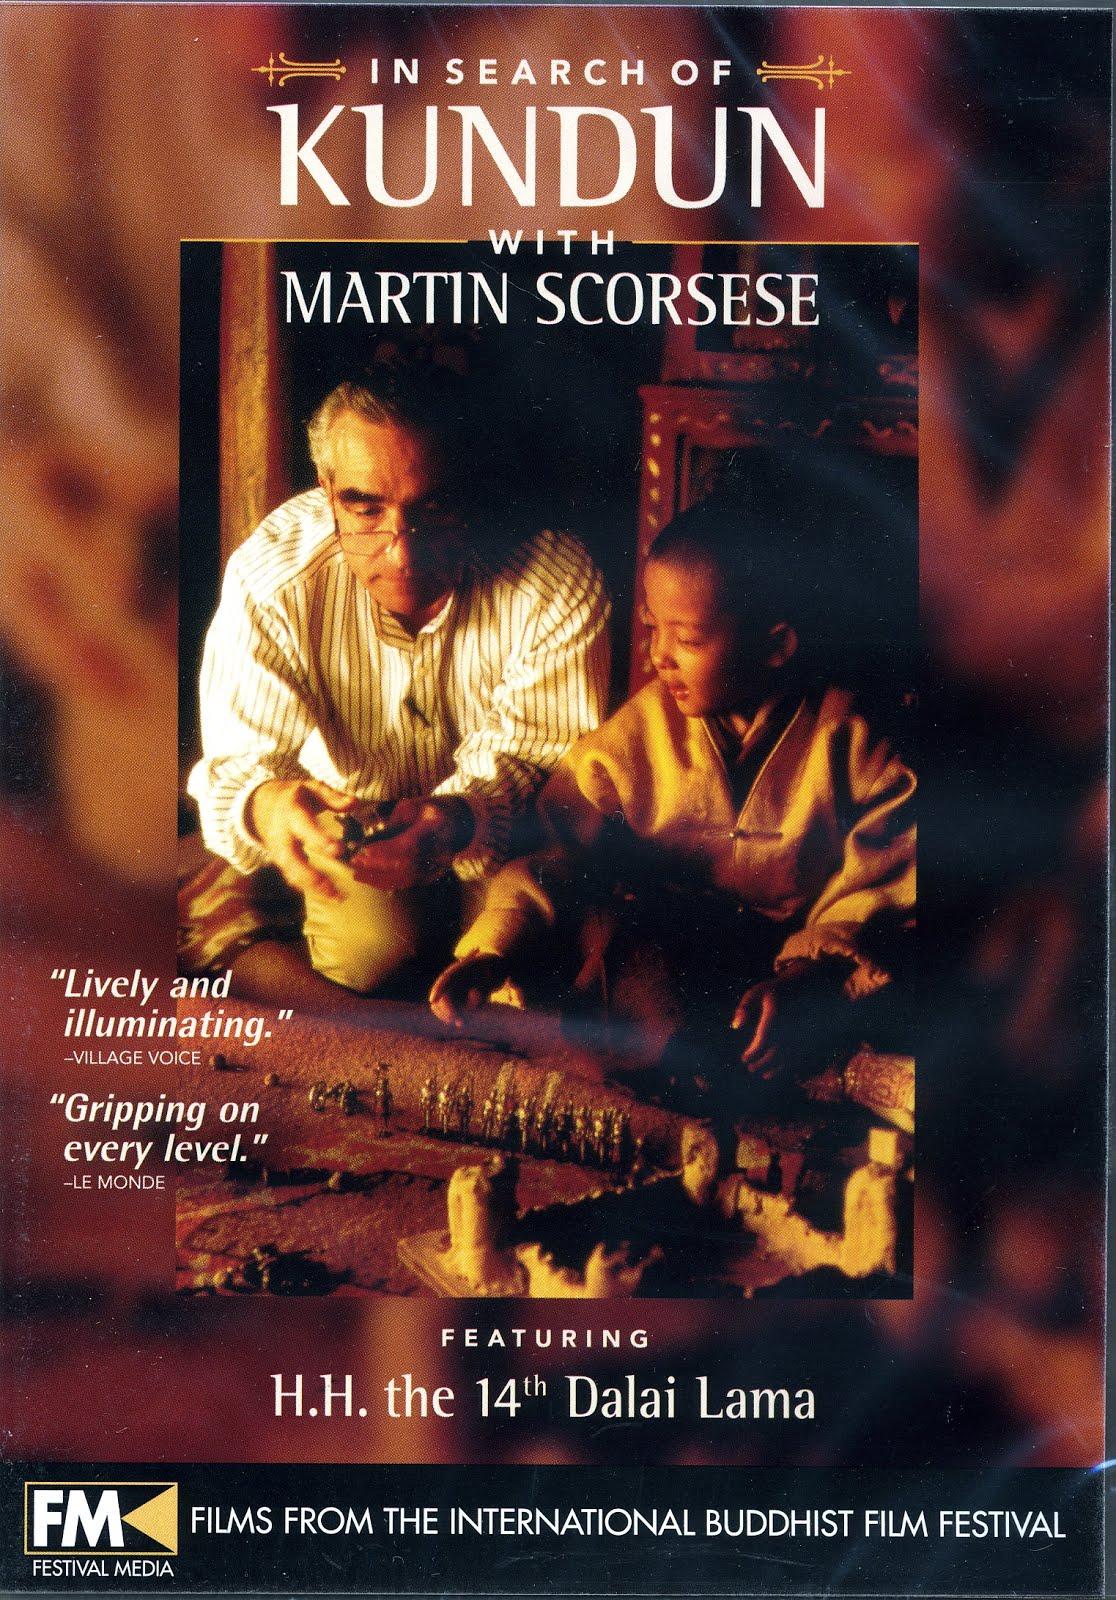 кундун (1997)